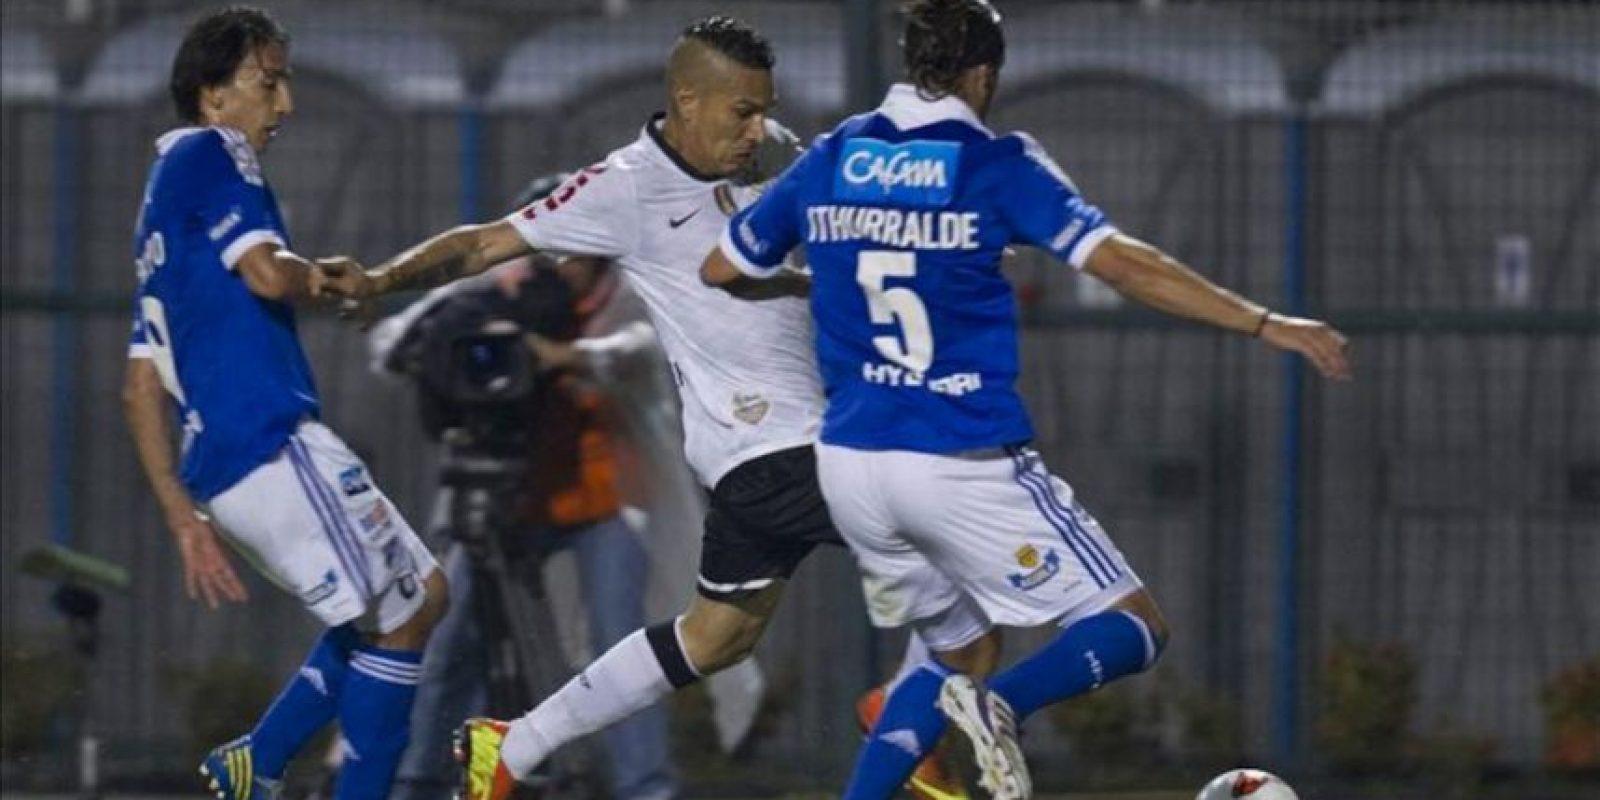 El jugador de Corinthians Paolo Guerrero (c) disputa el balón con Ignacio Ithurralde (d) de Millonarios, durante el partido de la Copa Libertadores en el estadio de Pacaembu en la ciudad de Sao Paulo (Brasil). EFE